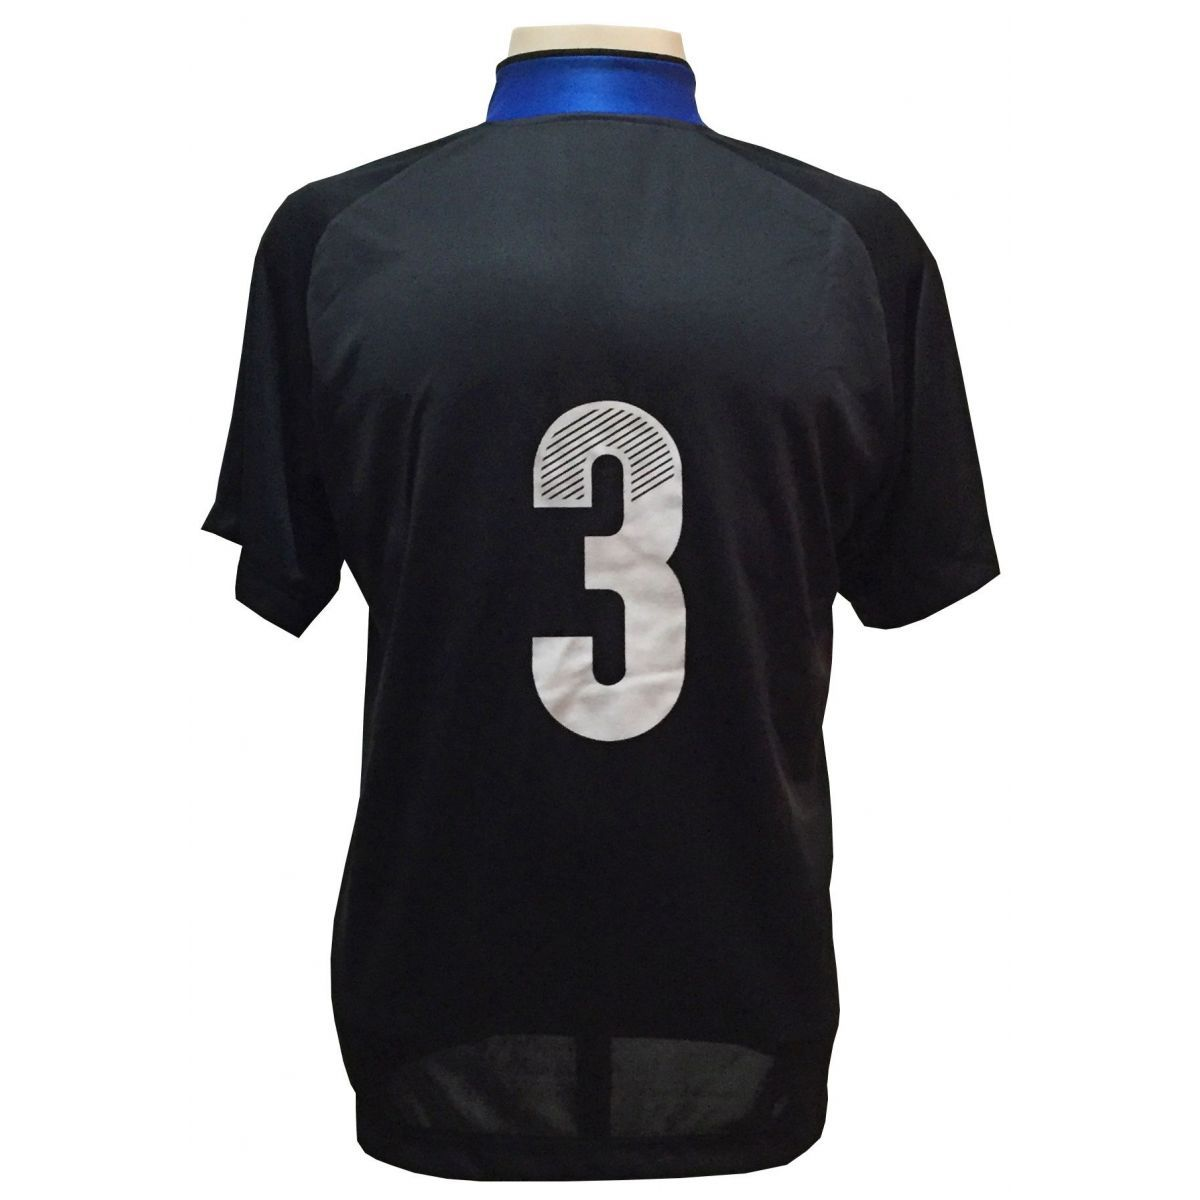 Jogo de Camisa com 12 unidades modelo Milan Preto/Royal + 1 Camisa de Goleiro